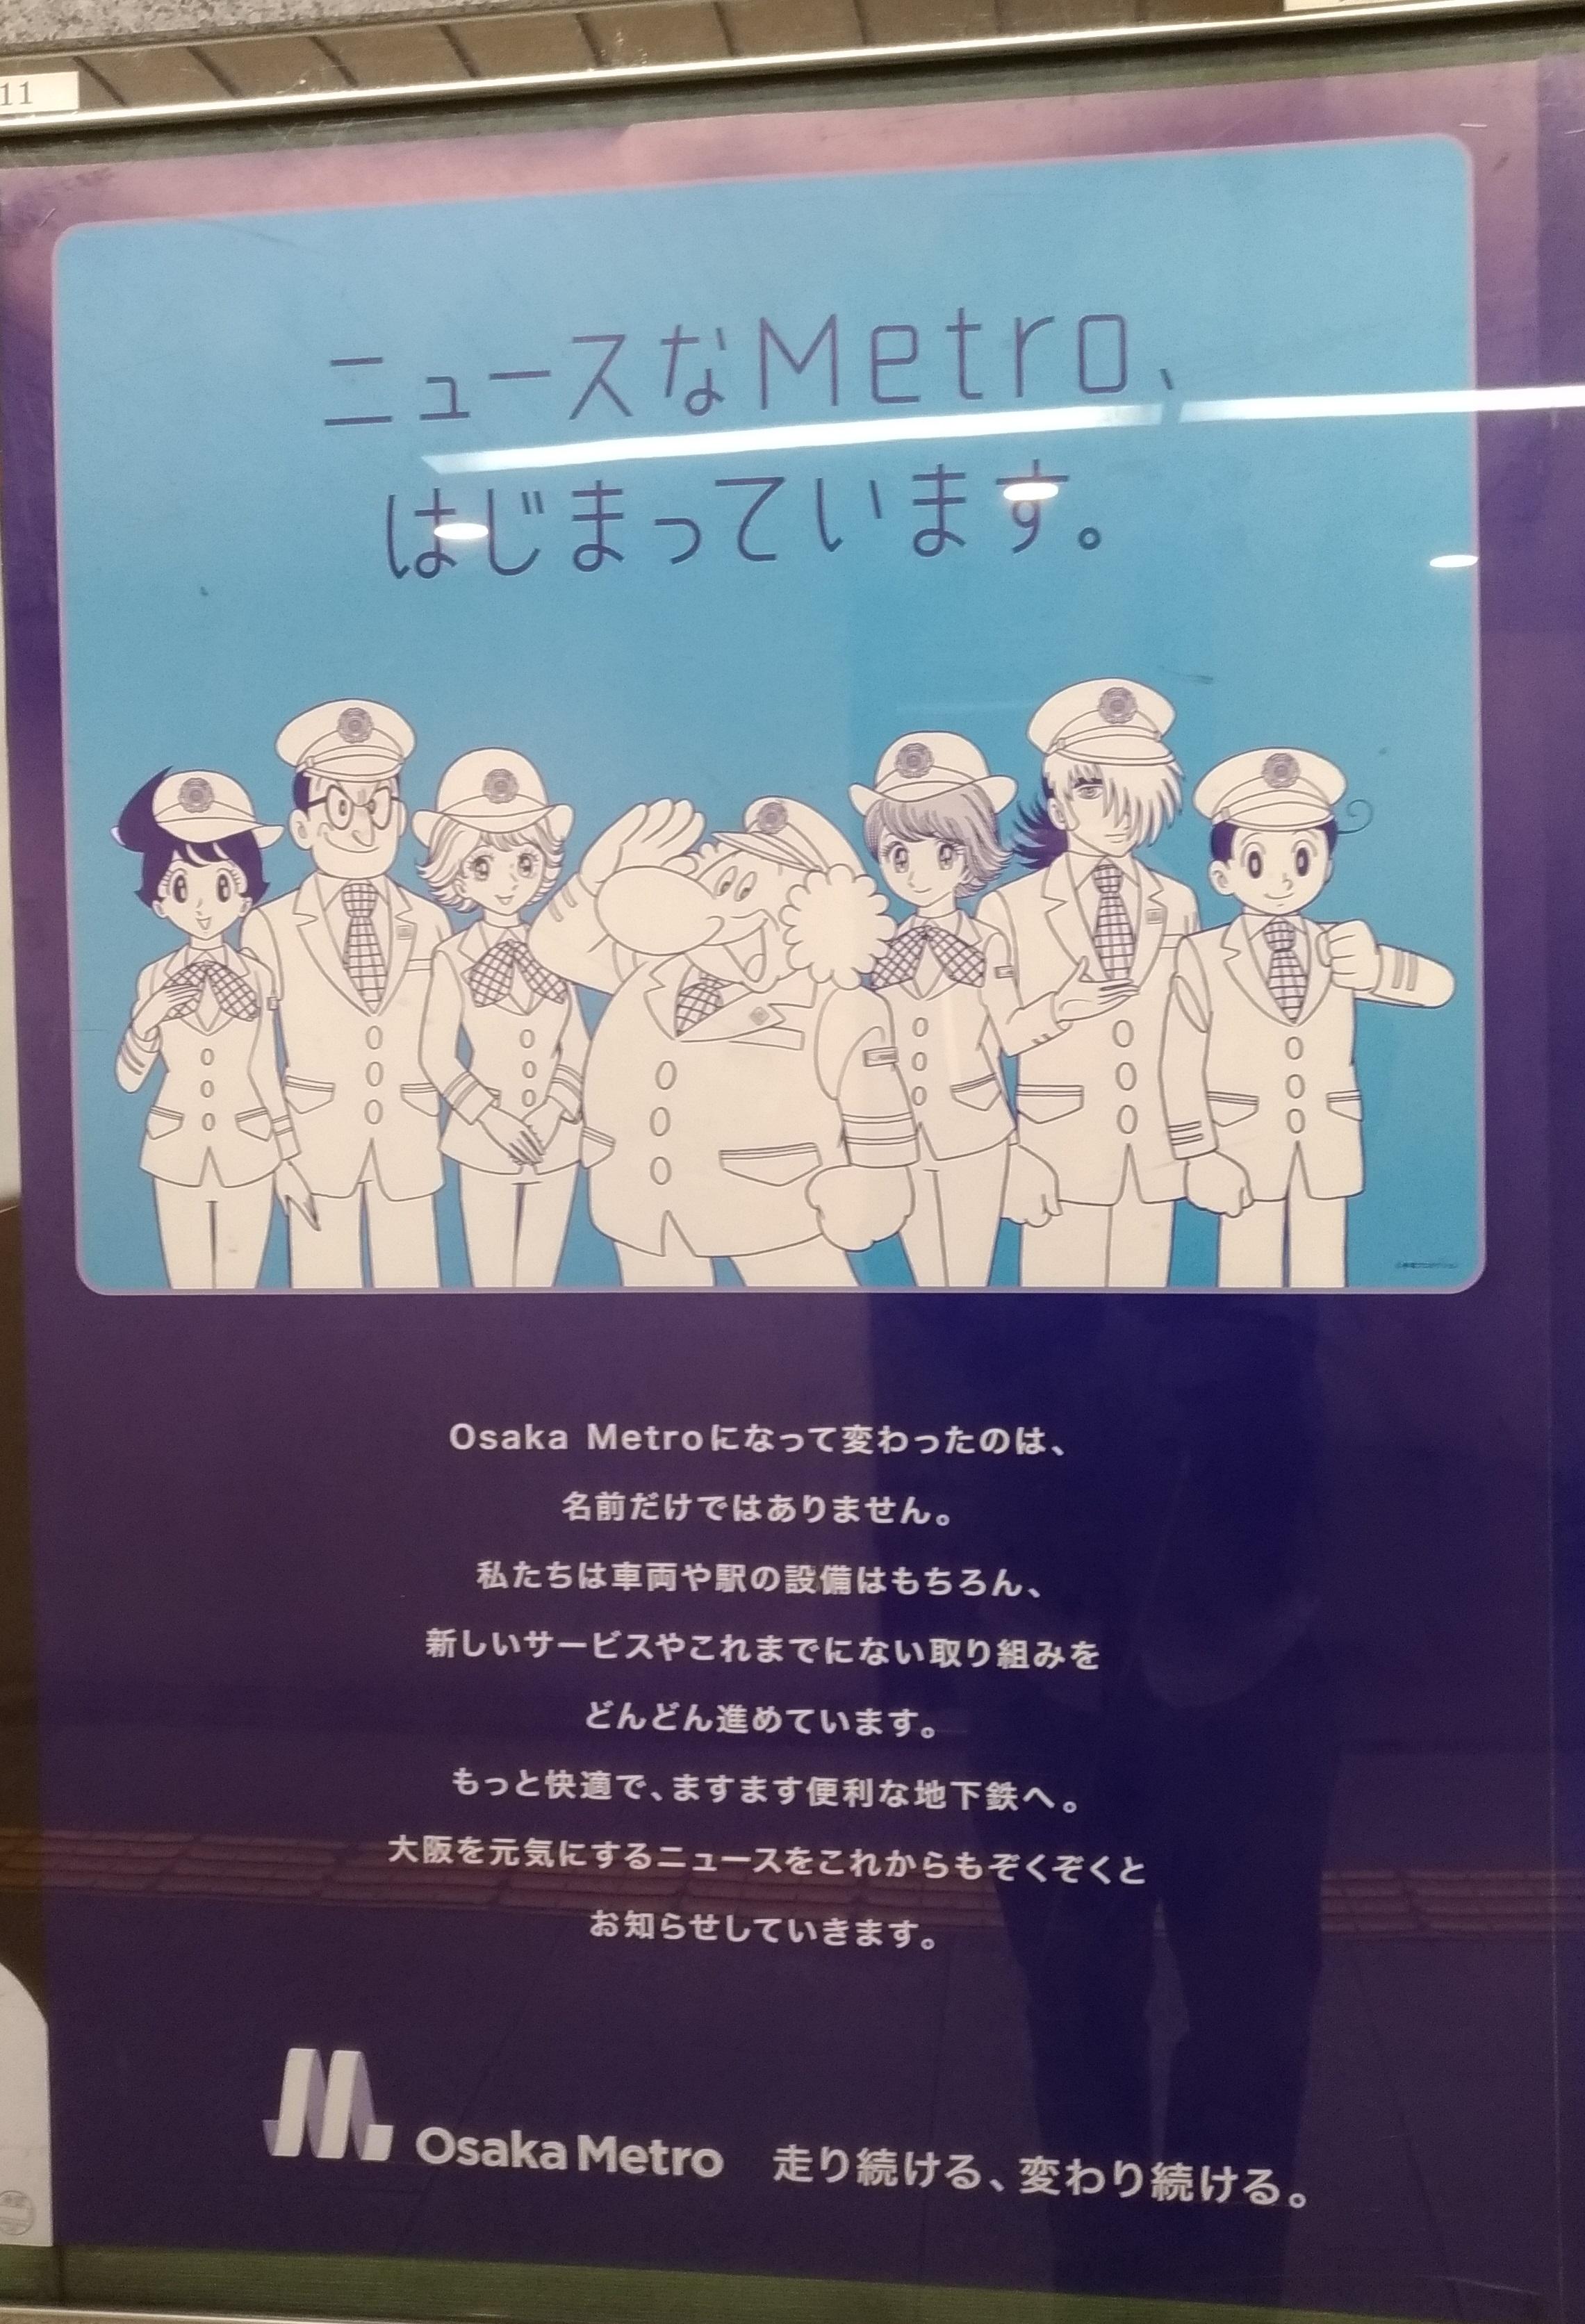 osaka_metro_002_subway1.jpg